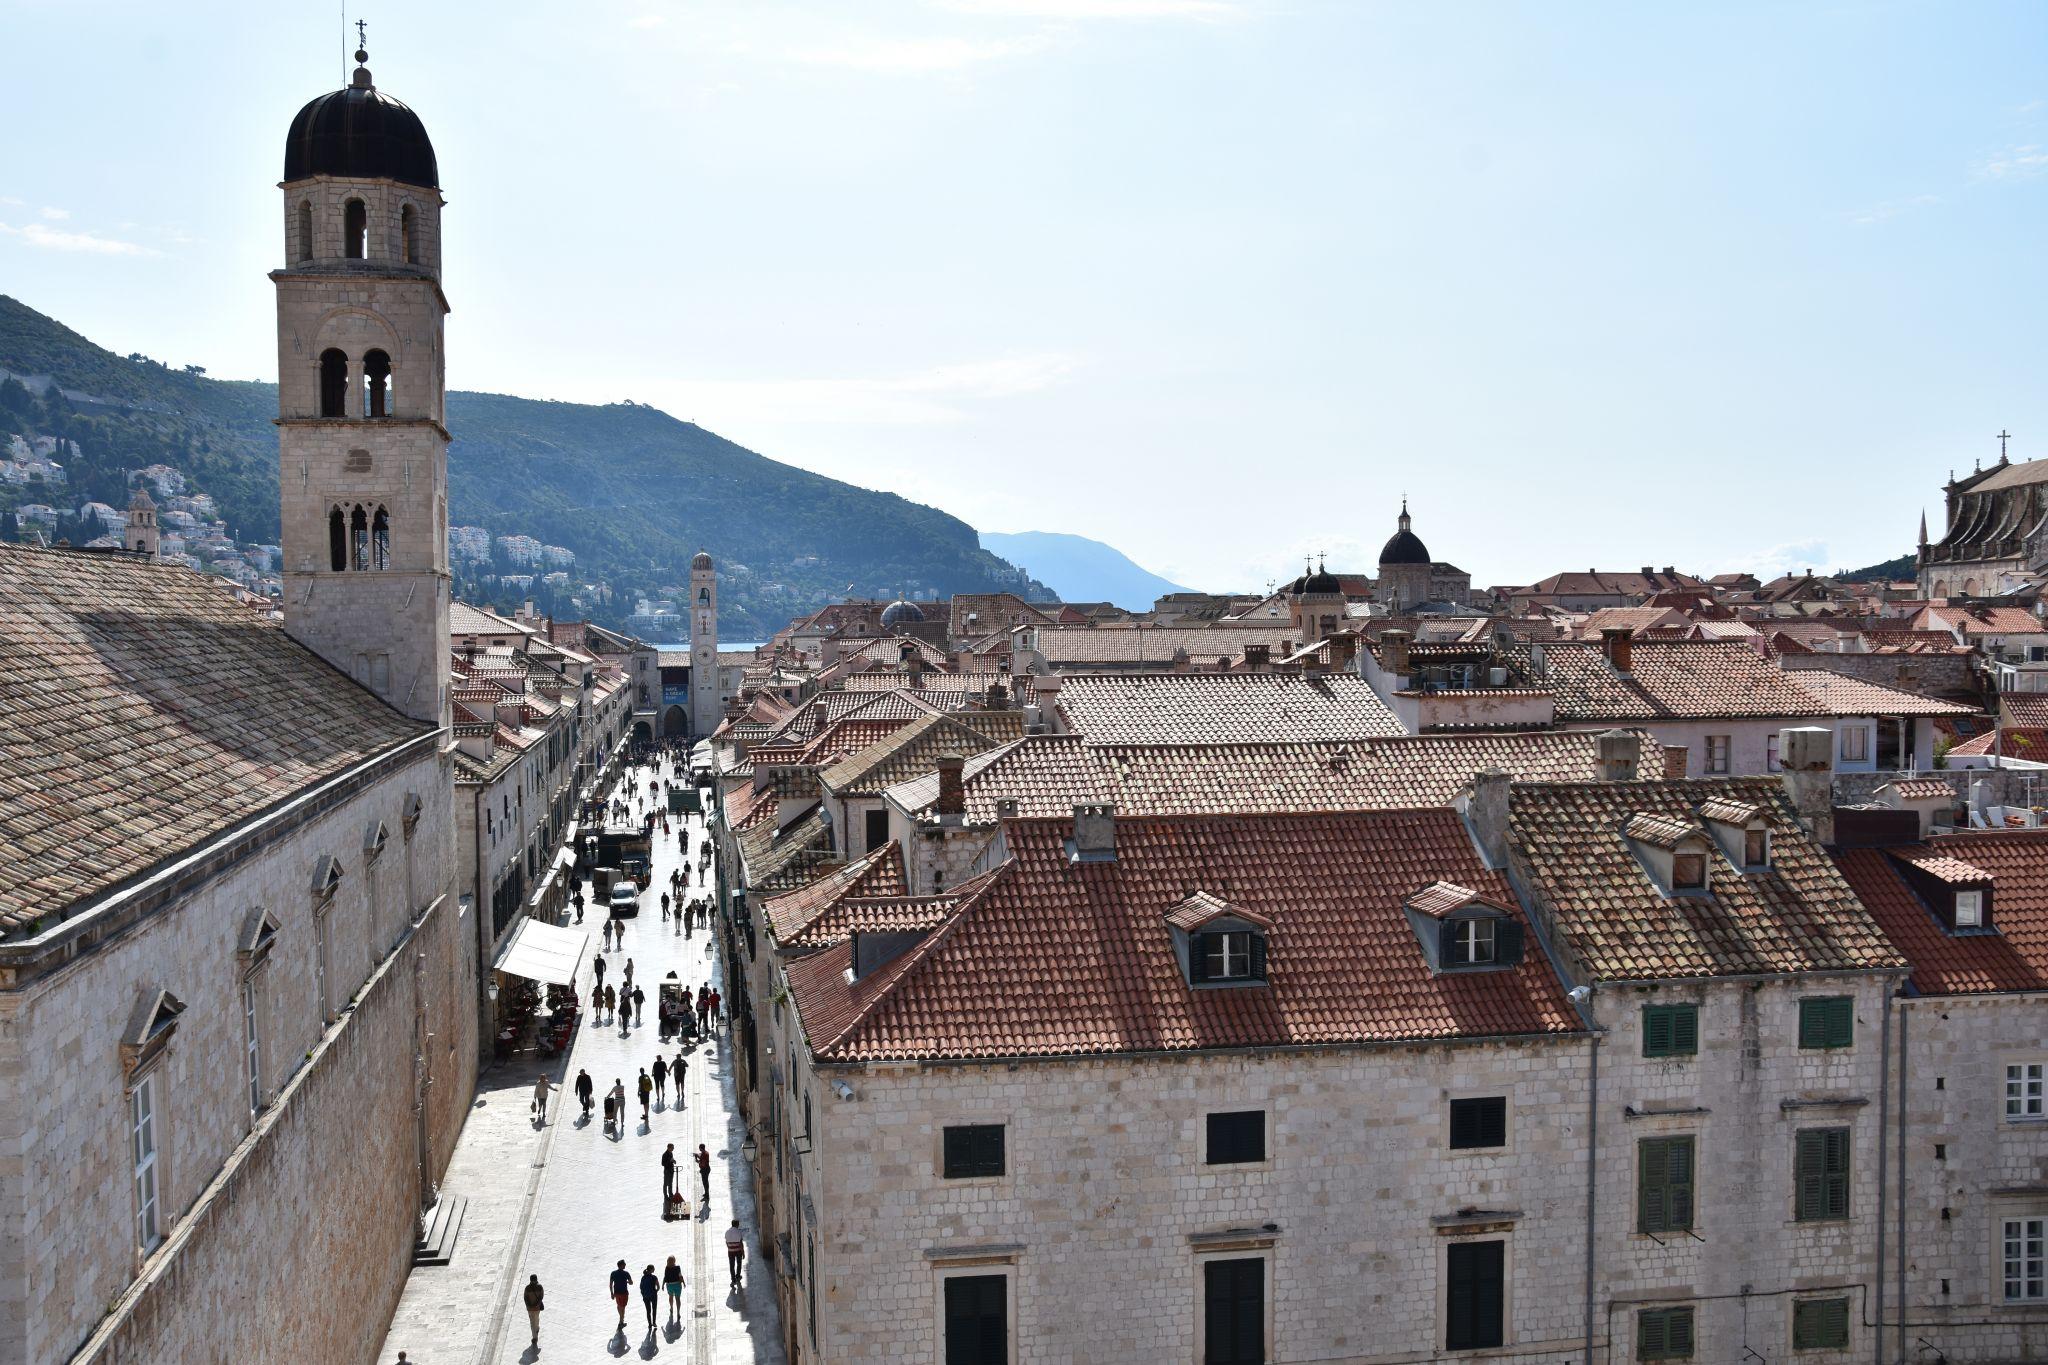 City walls views (different locations along the perimeter), Croatia